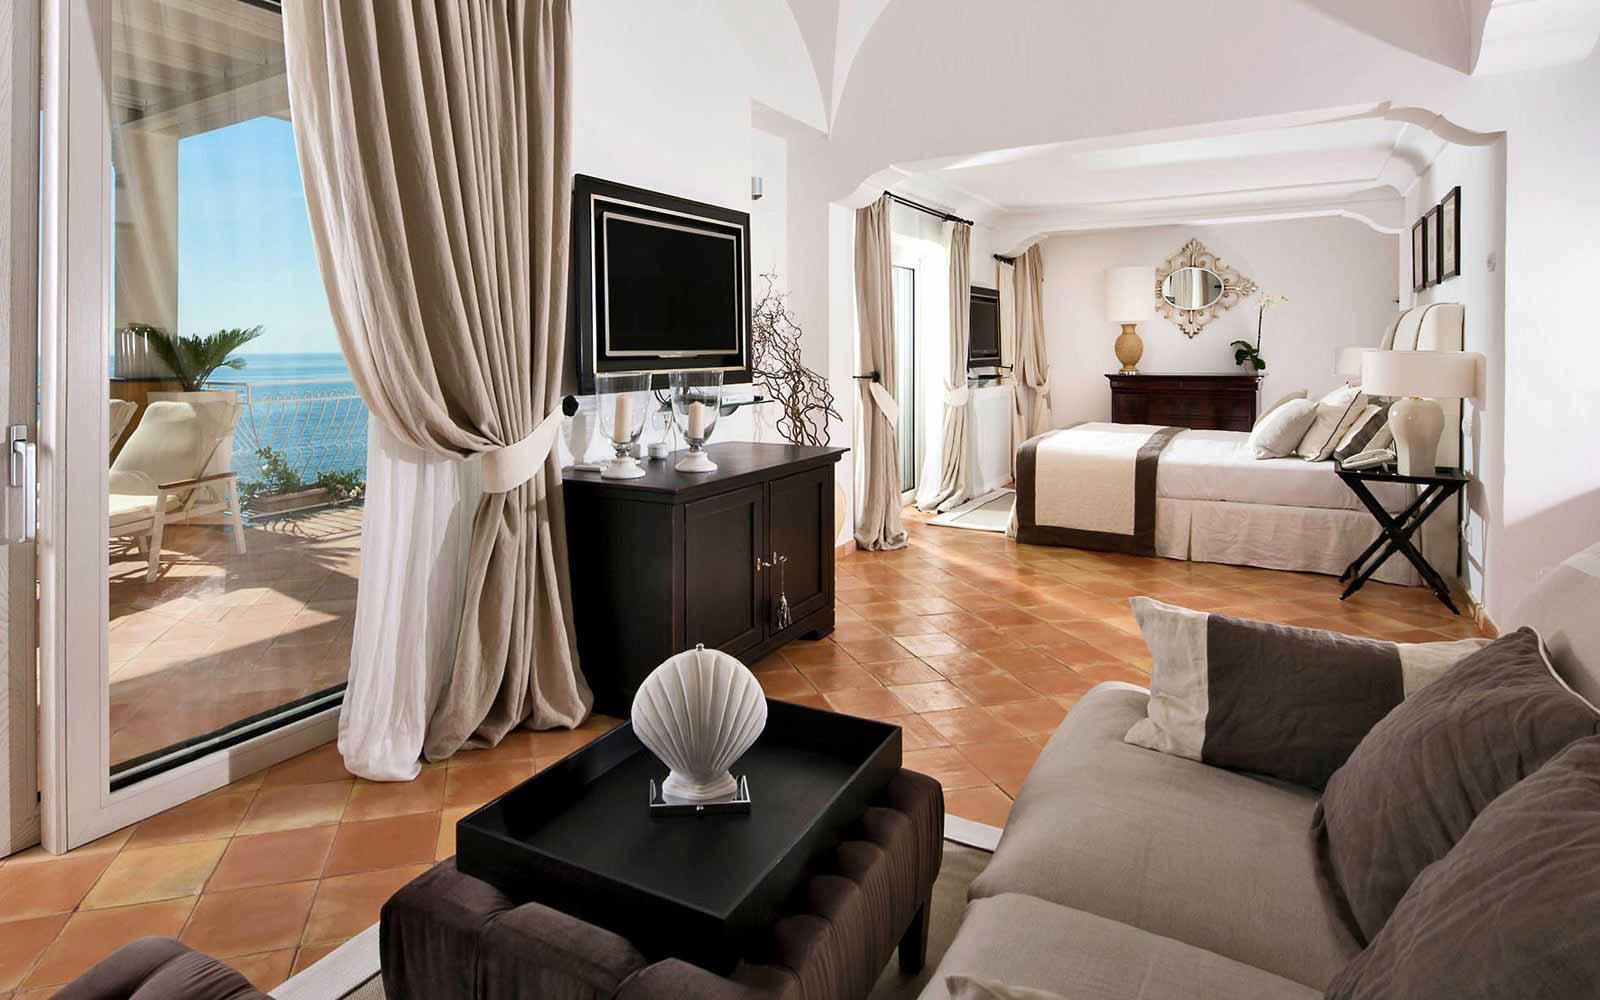 Deluxe Superior Junior Suite at Covo Dei Saraceni